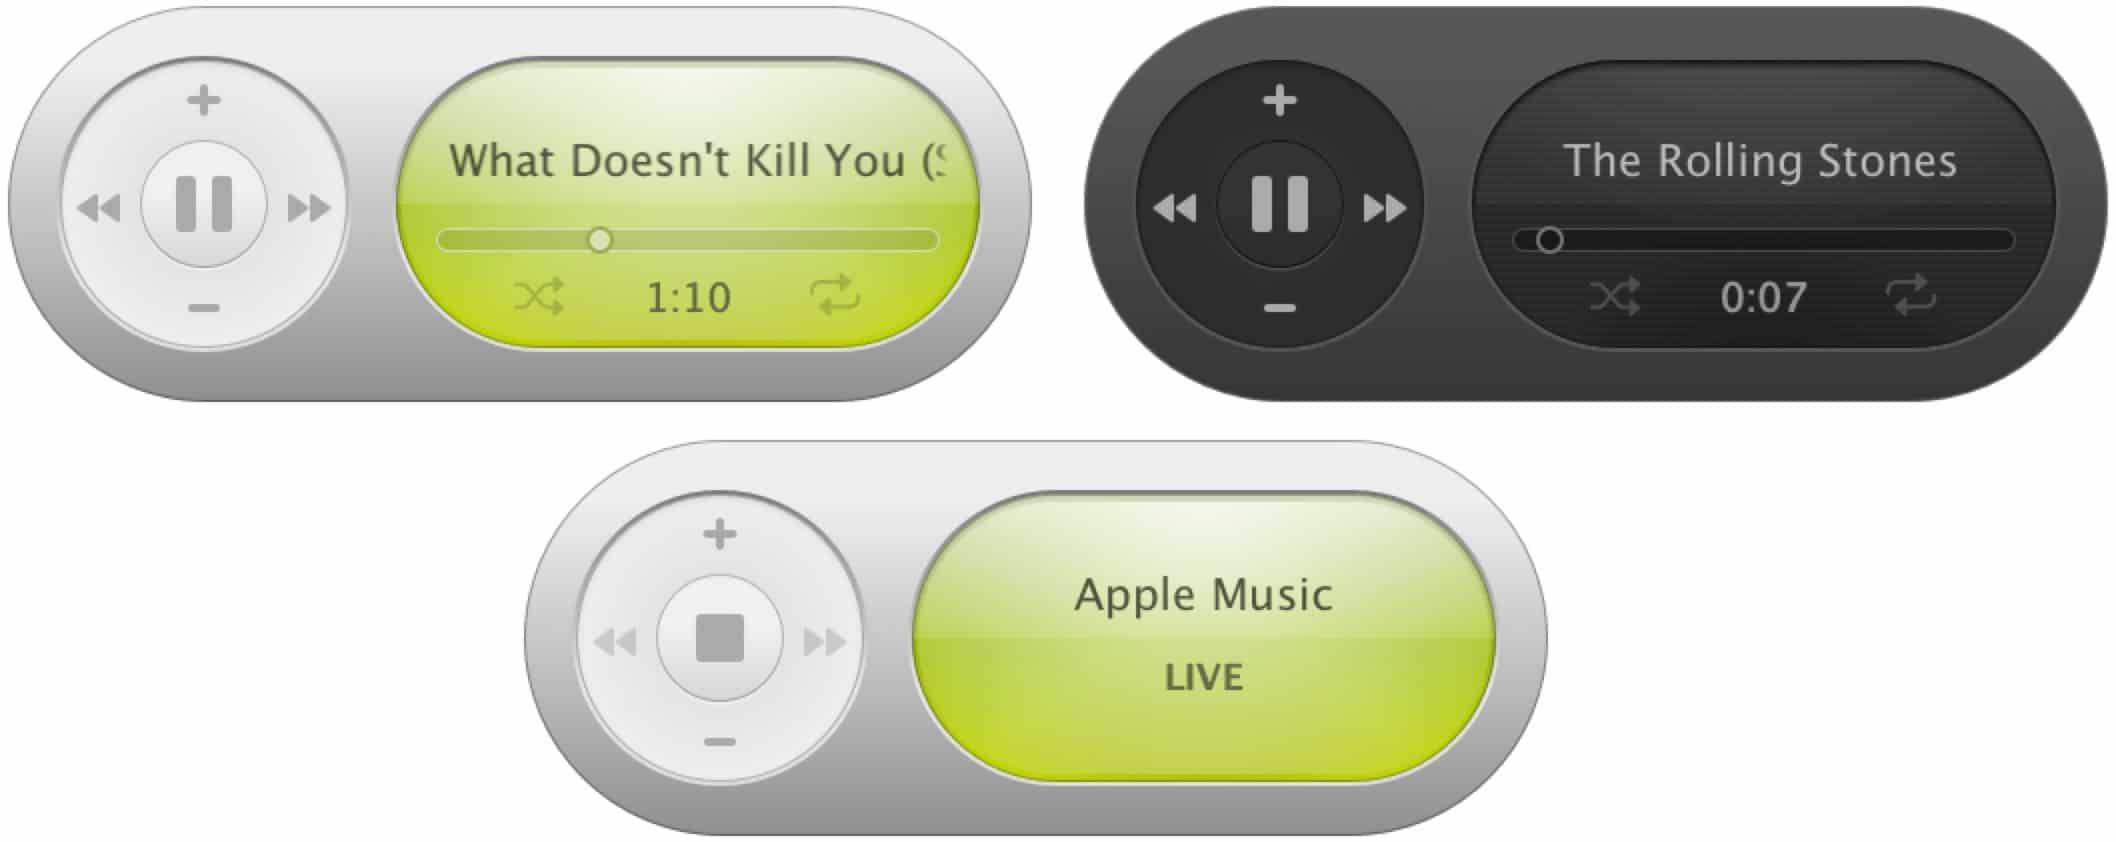 iTunes widget